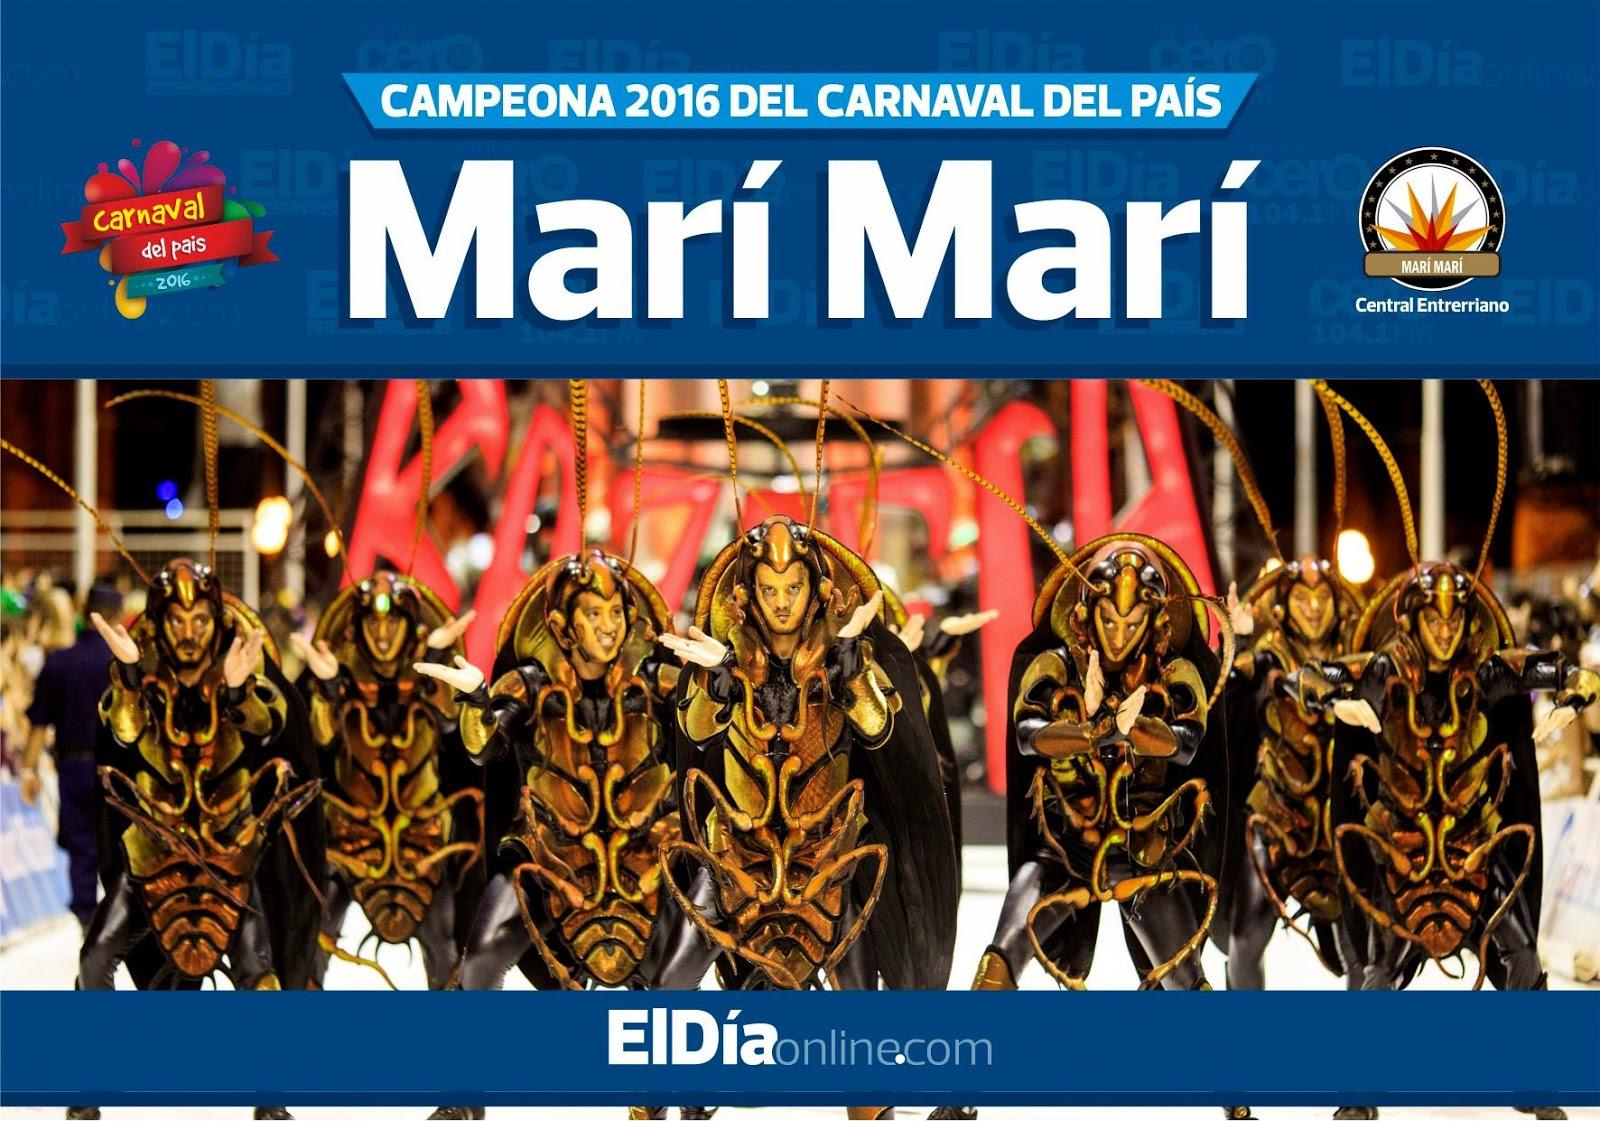 Campeona del Carnaval del País 2016